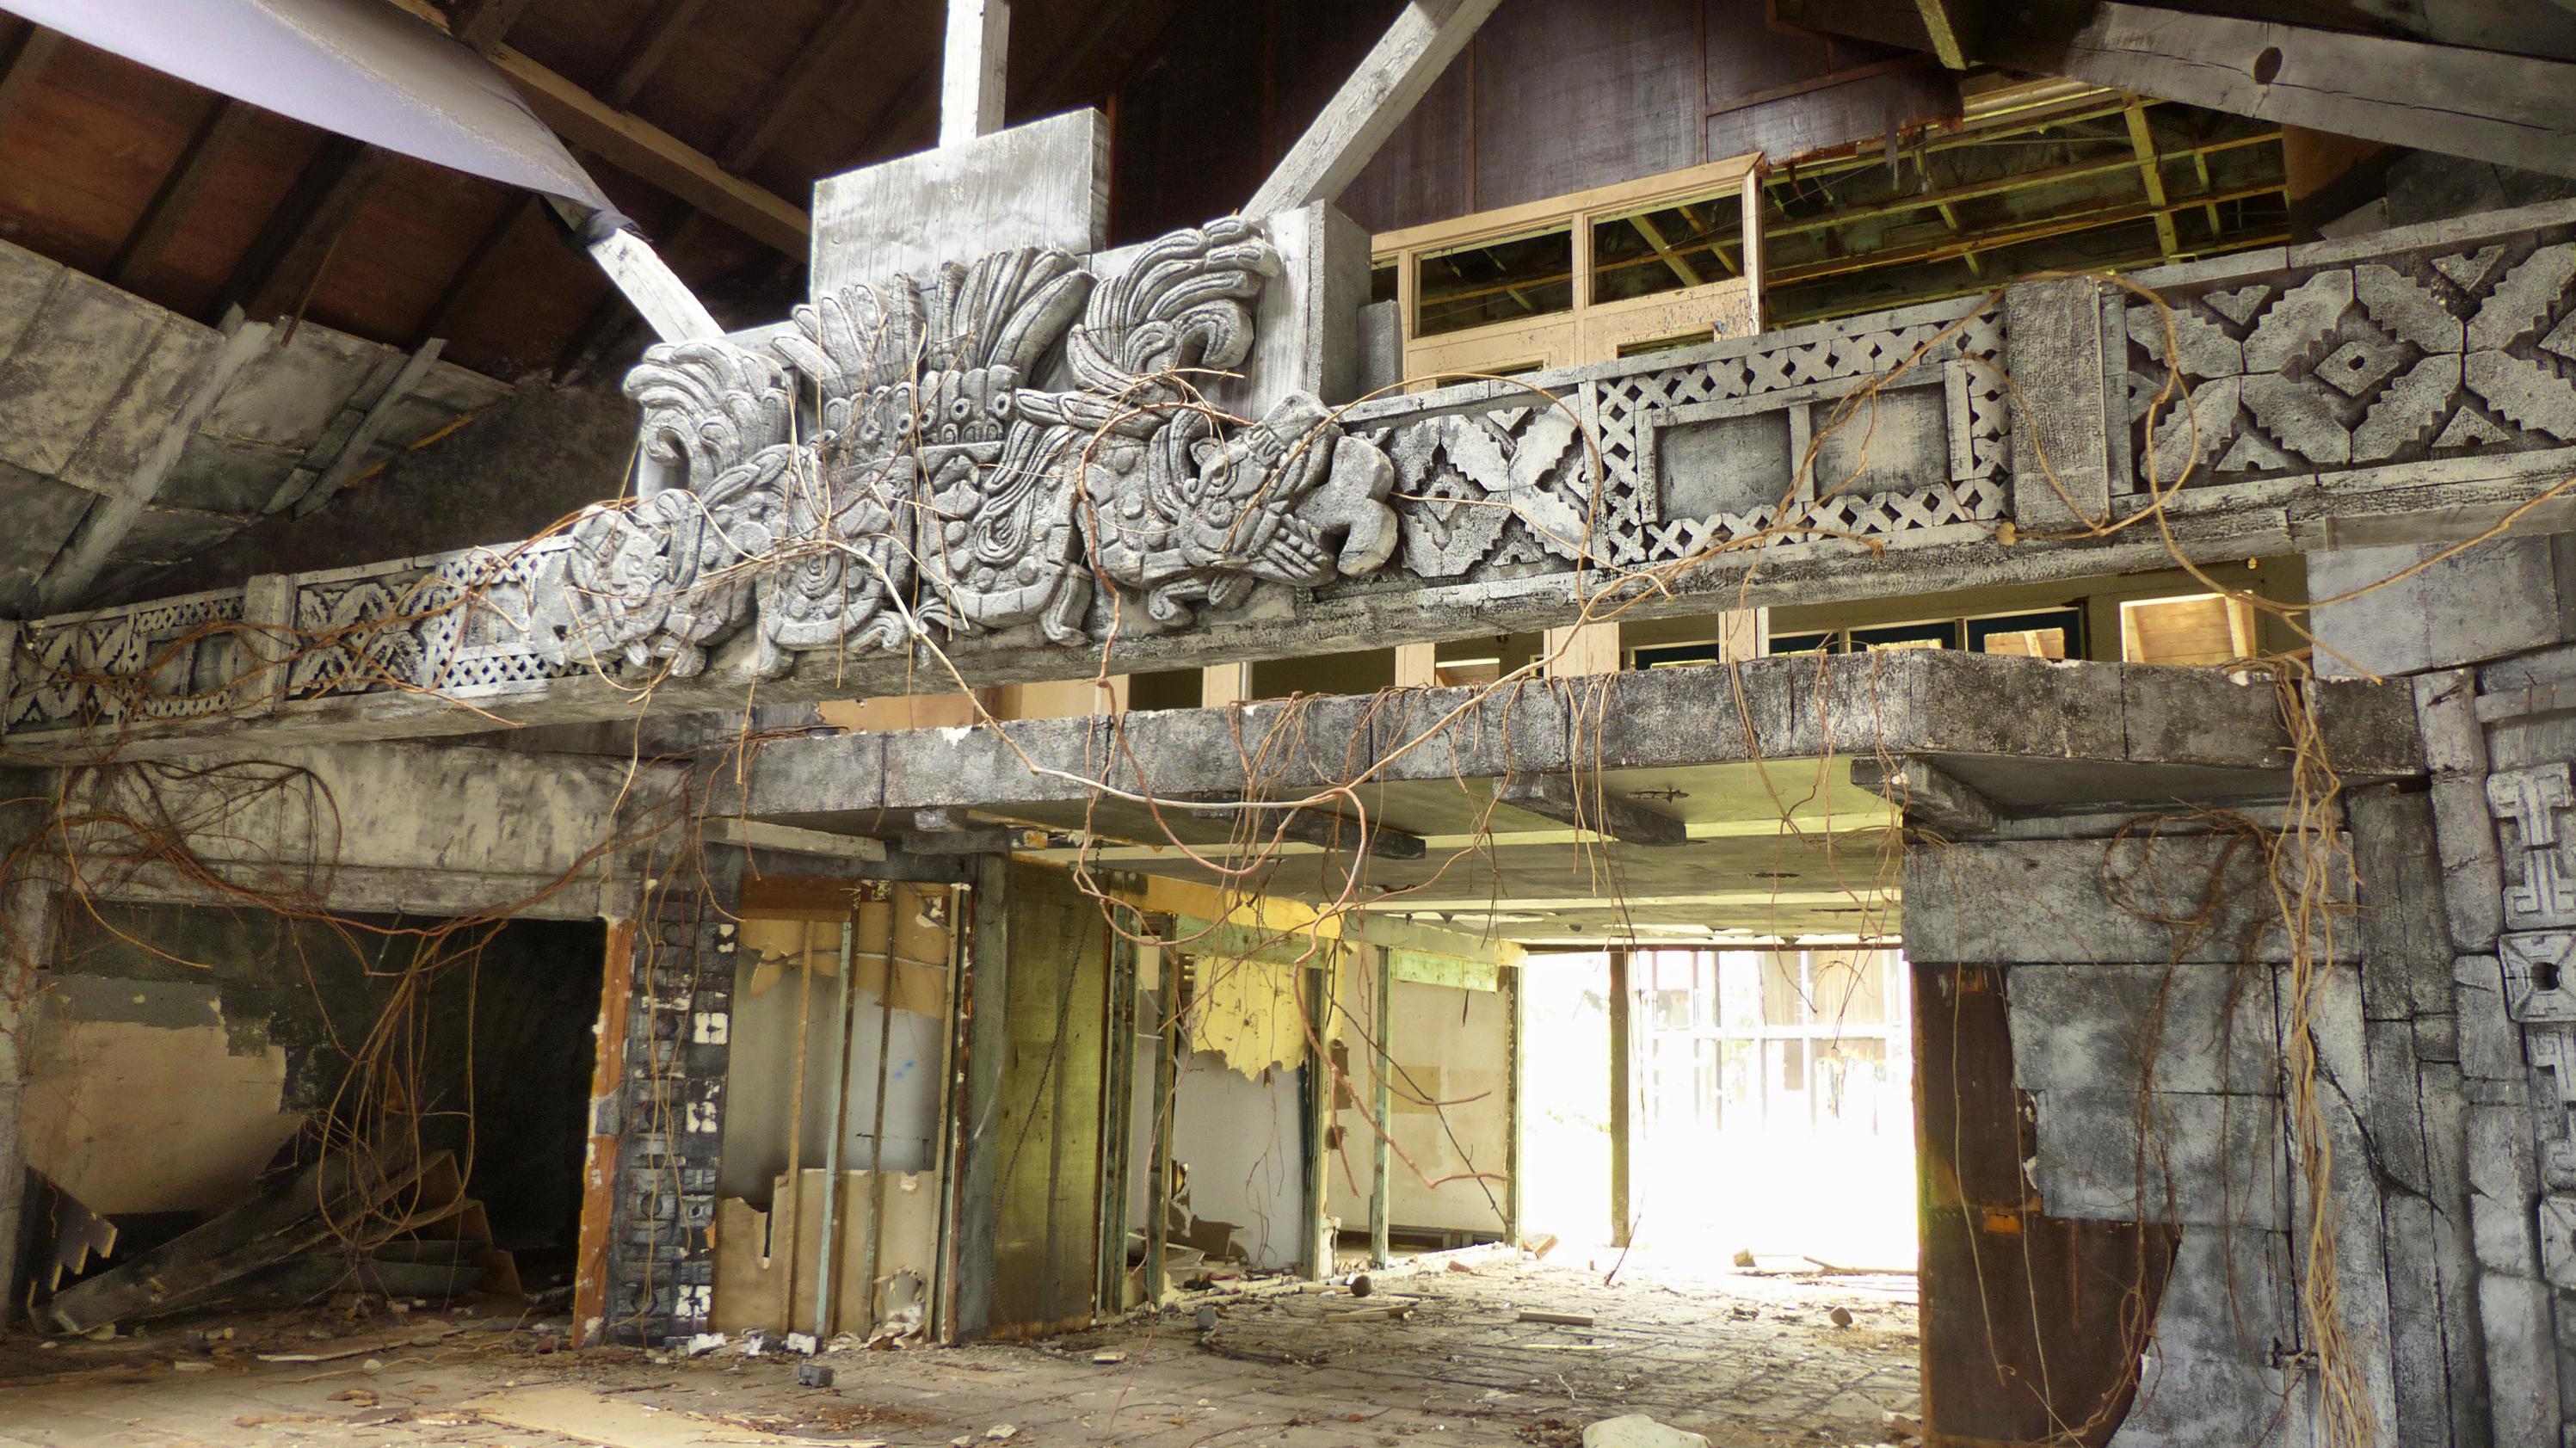 Imagenes De Sentirse Abandonado: FOTOS: El Hotel Abandonado De La Isla Contadora